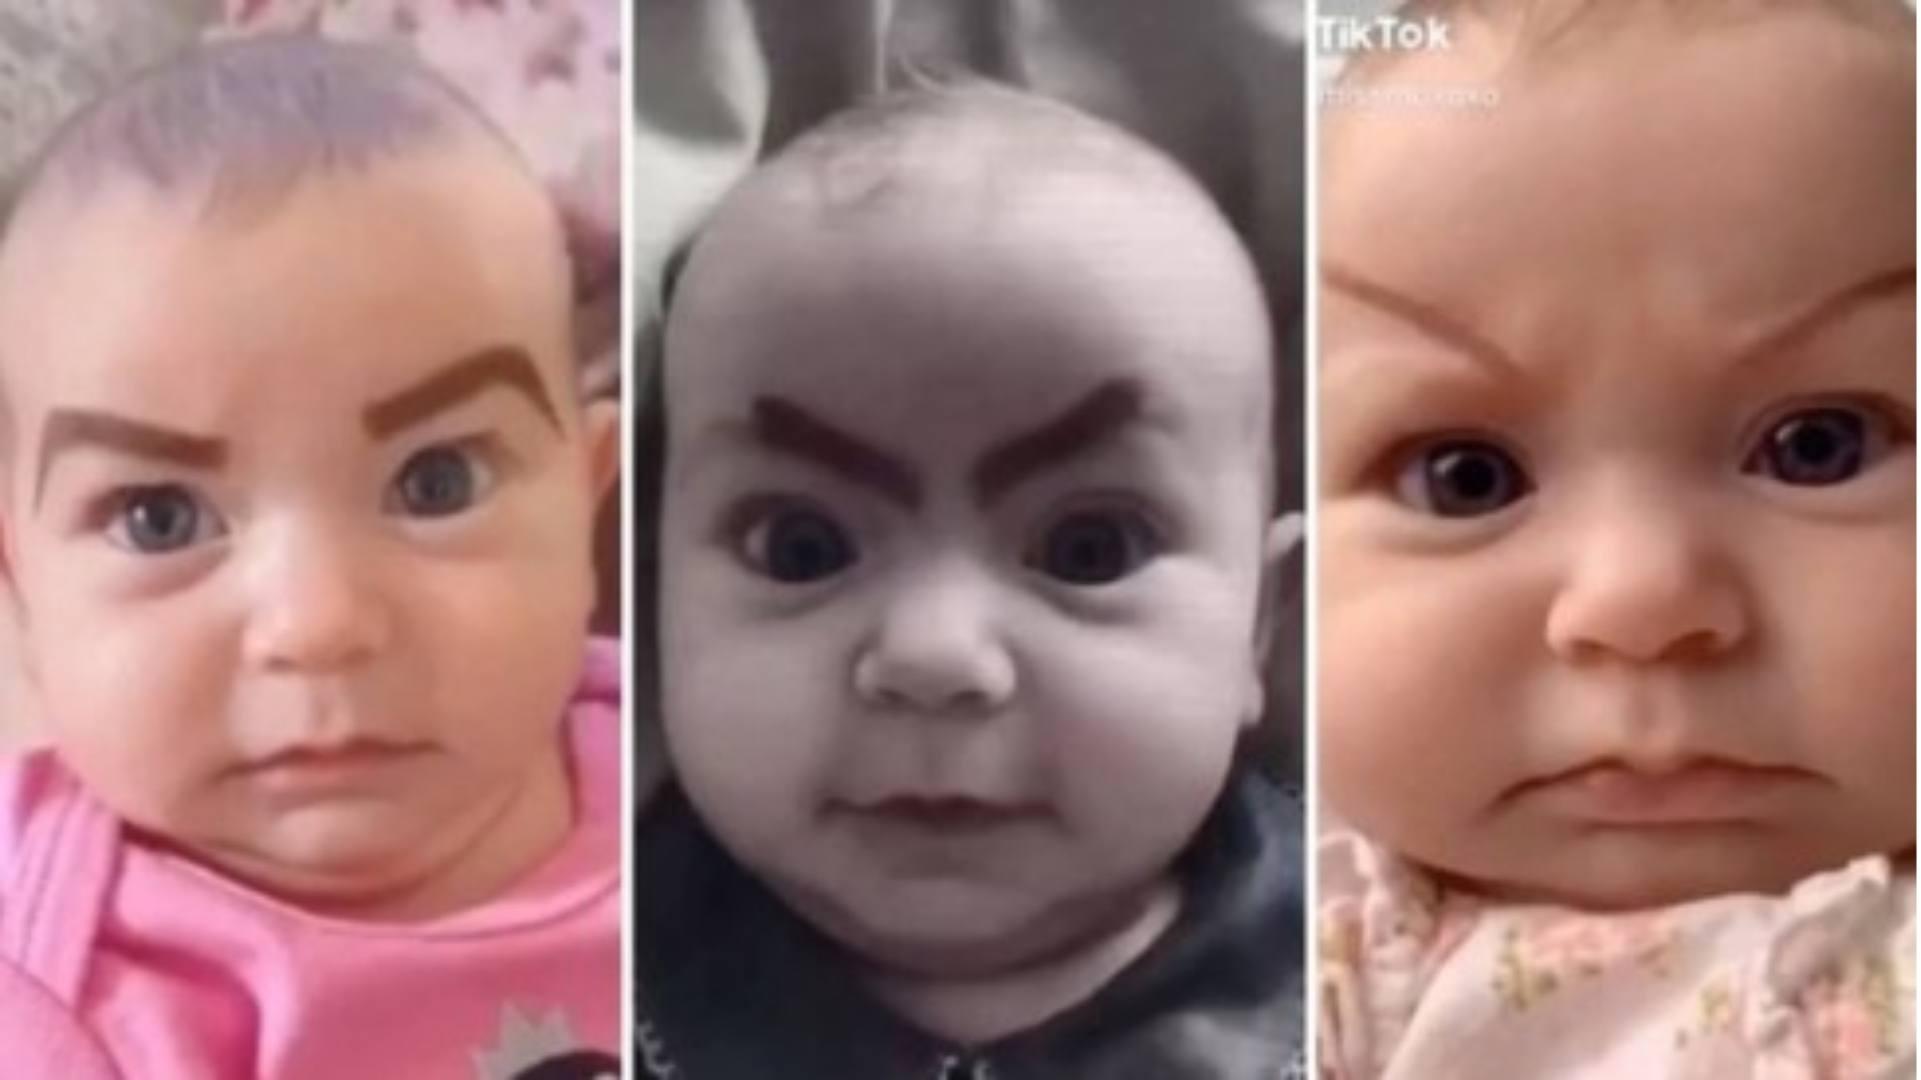 Mulher é criticada por pintar sobrancelhas na filha para superar tédio da quarentena